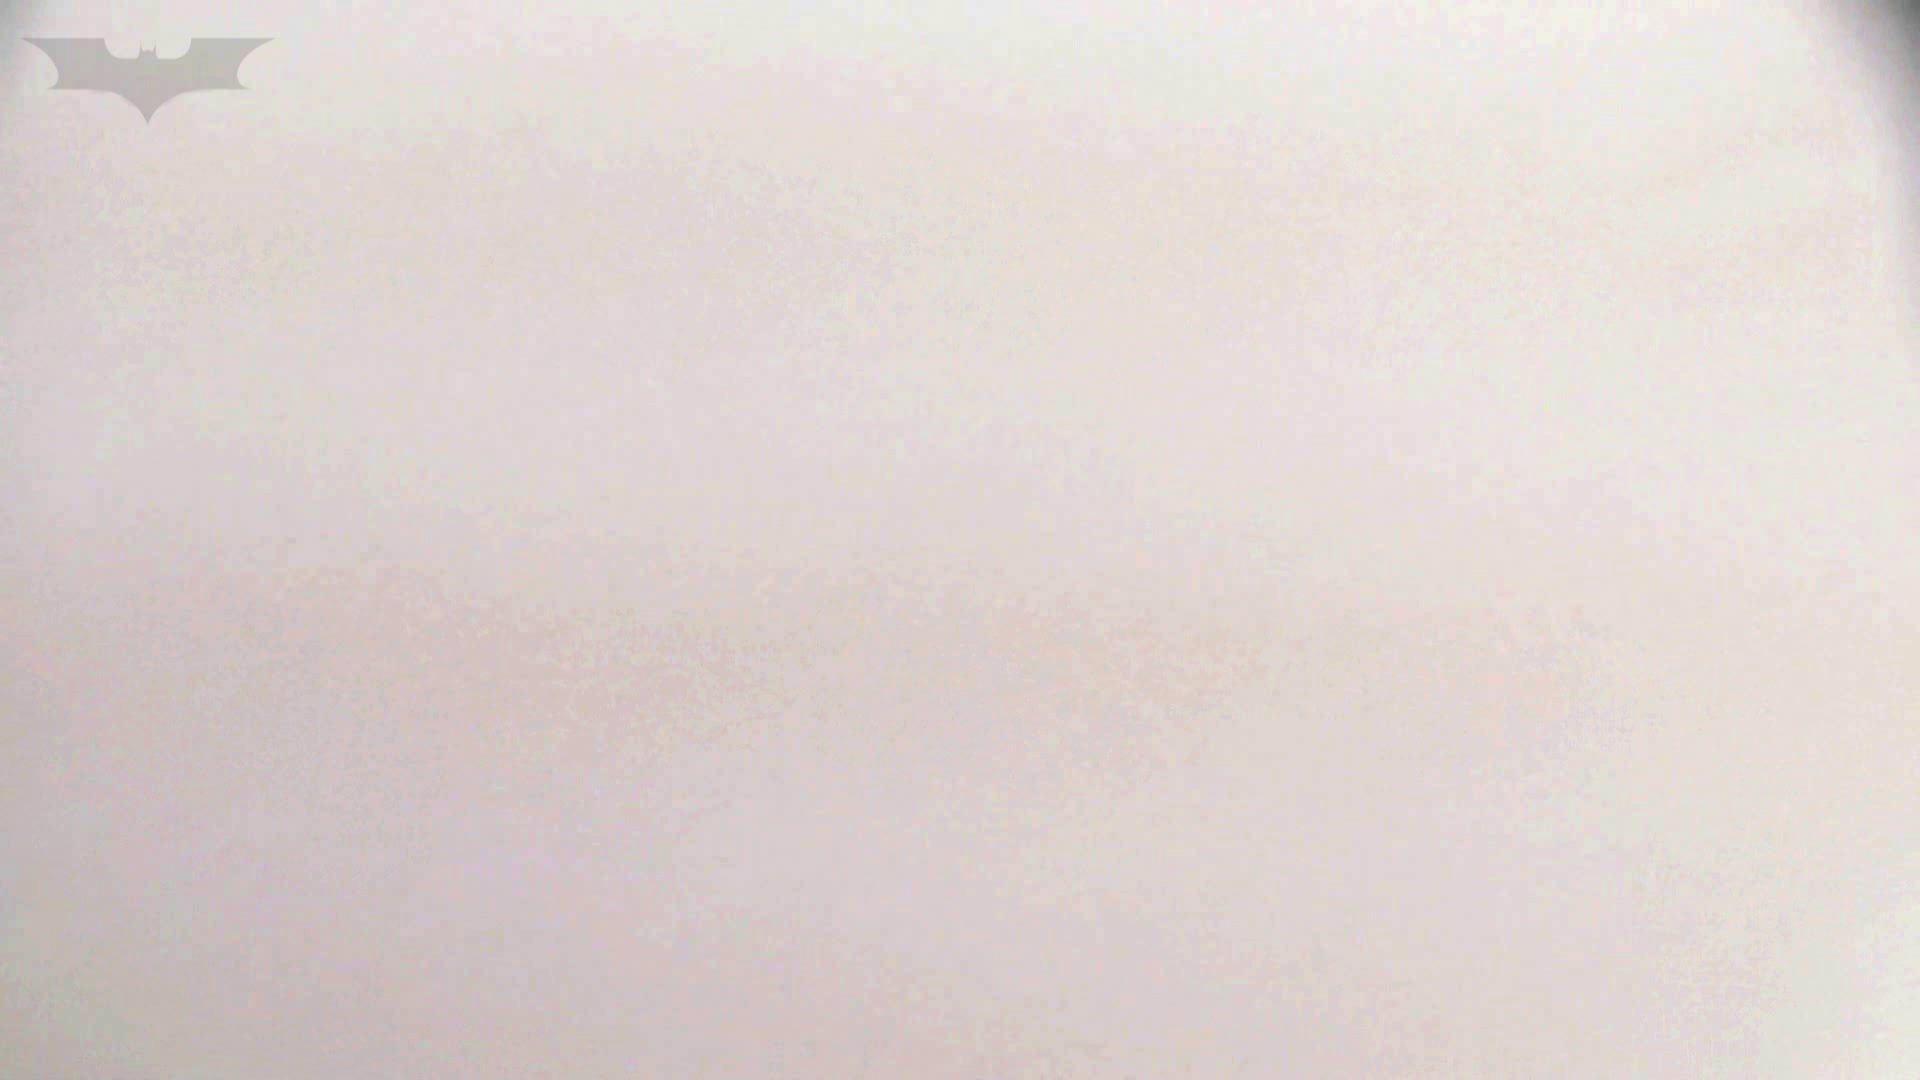 洗面所特攻隊 vol.74 last 2総勢16名激撮【2015・29位】 洗面所  105連発 54